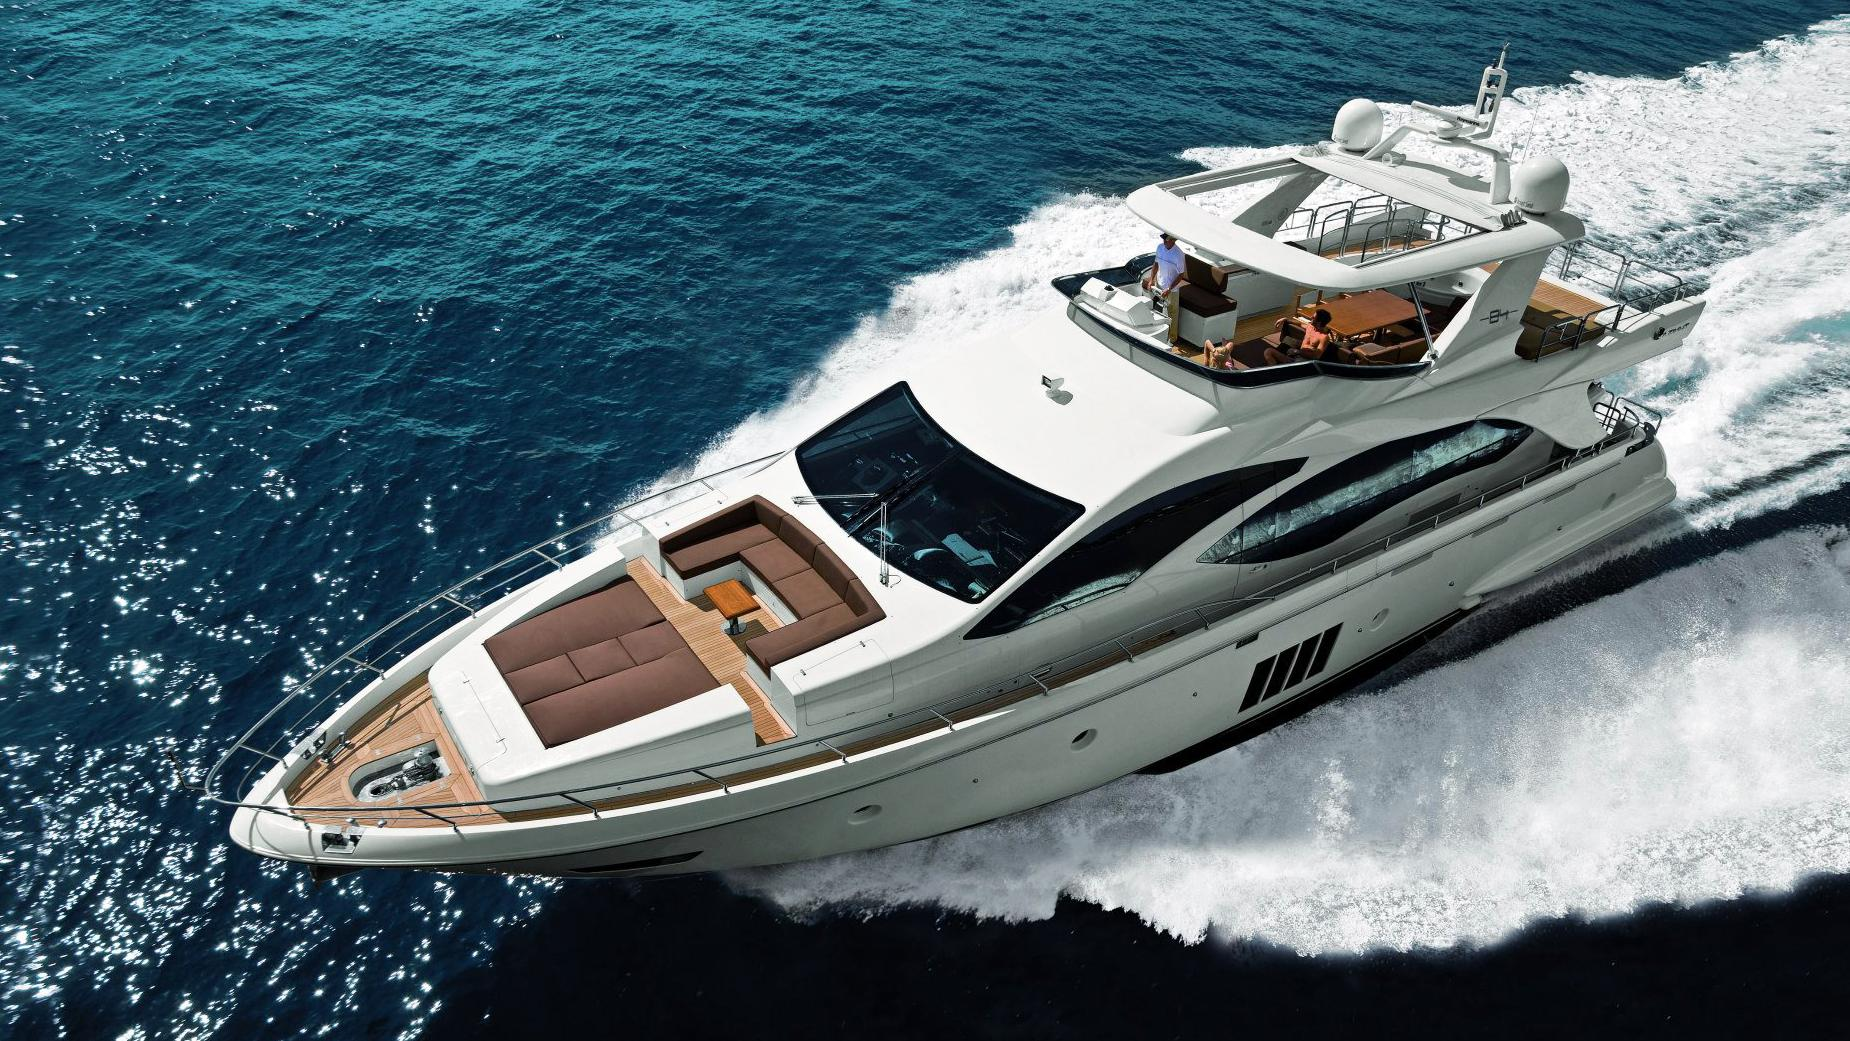 azimut-84-12-motor-yacht-2014-26m-aerial